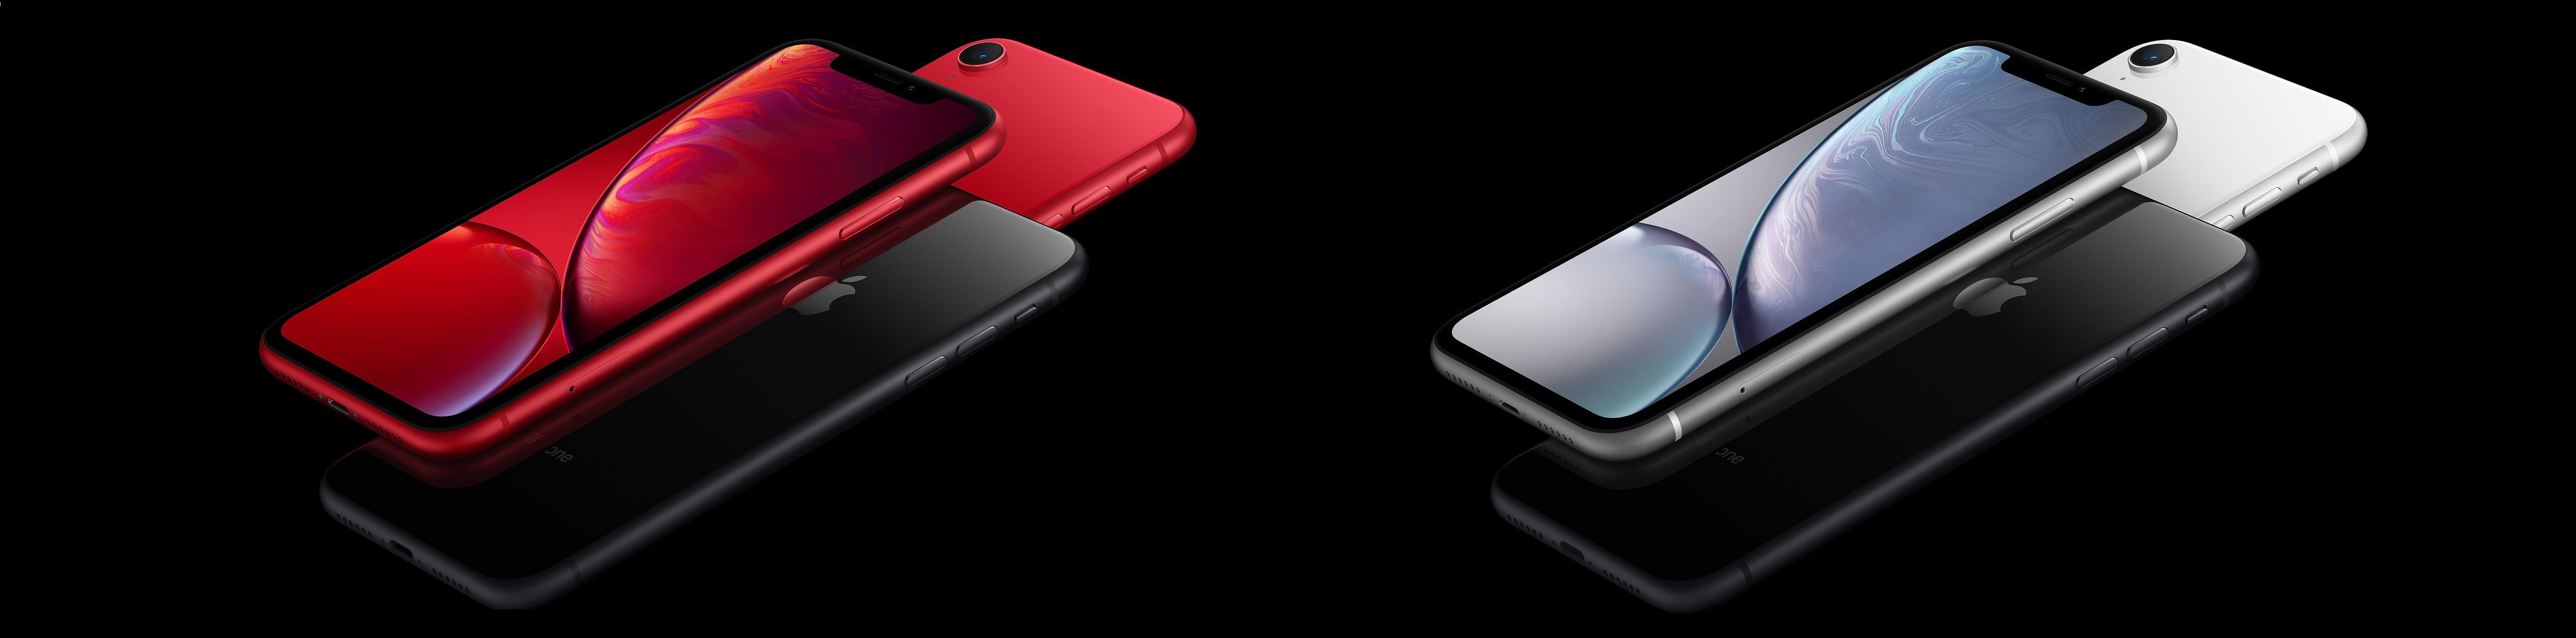 Встречайте новые iPhone XR